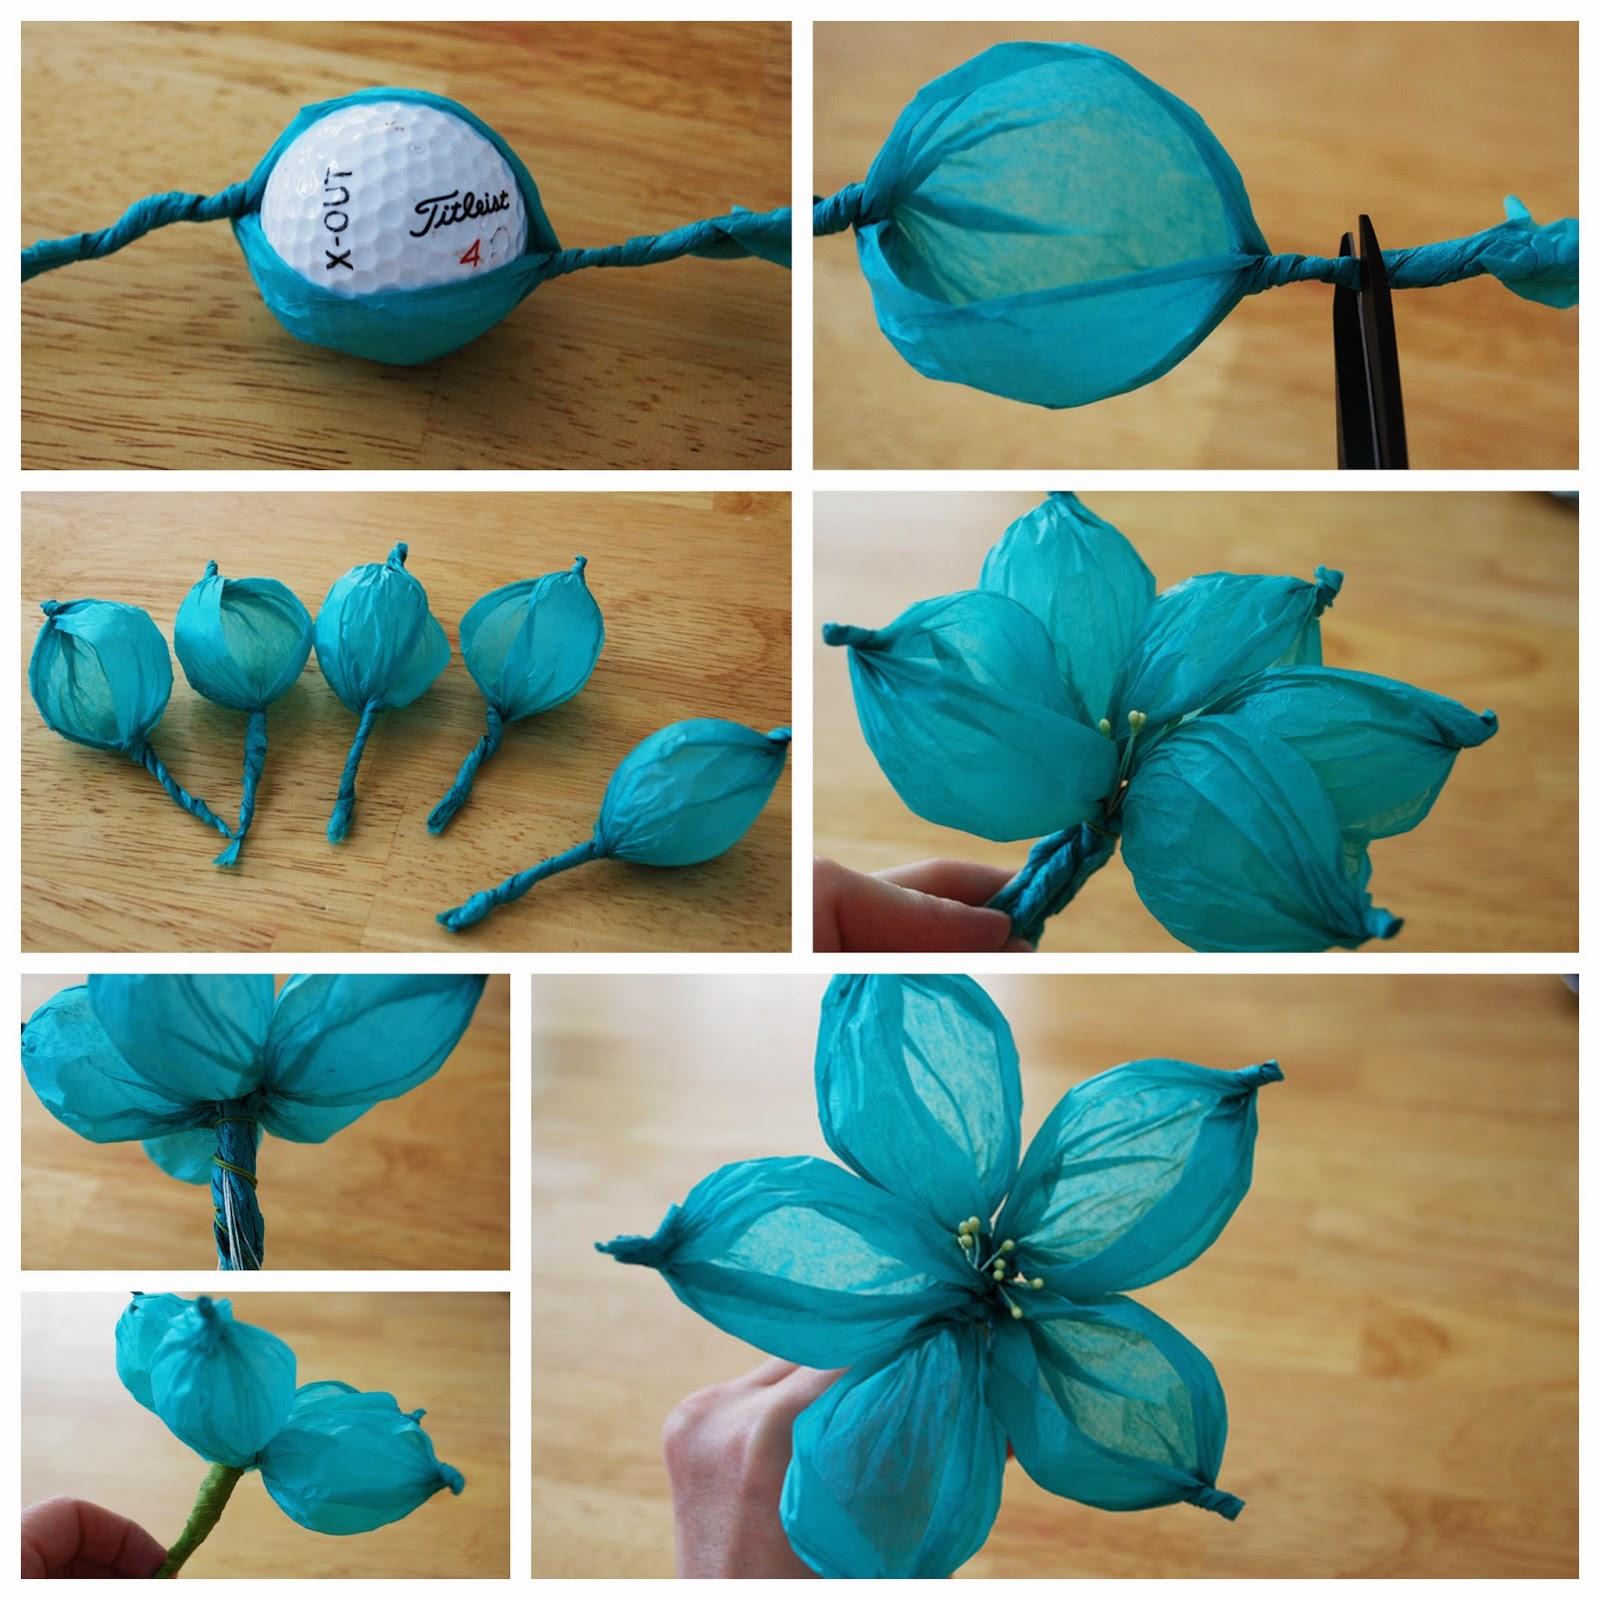 manualidades con papel hermosa flor de seda un mundo de manualidades. Black Bedroom Furniture Sets. Home Design Ideas